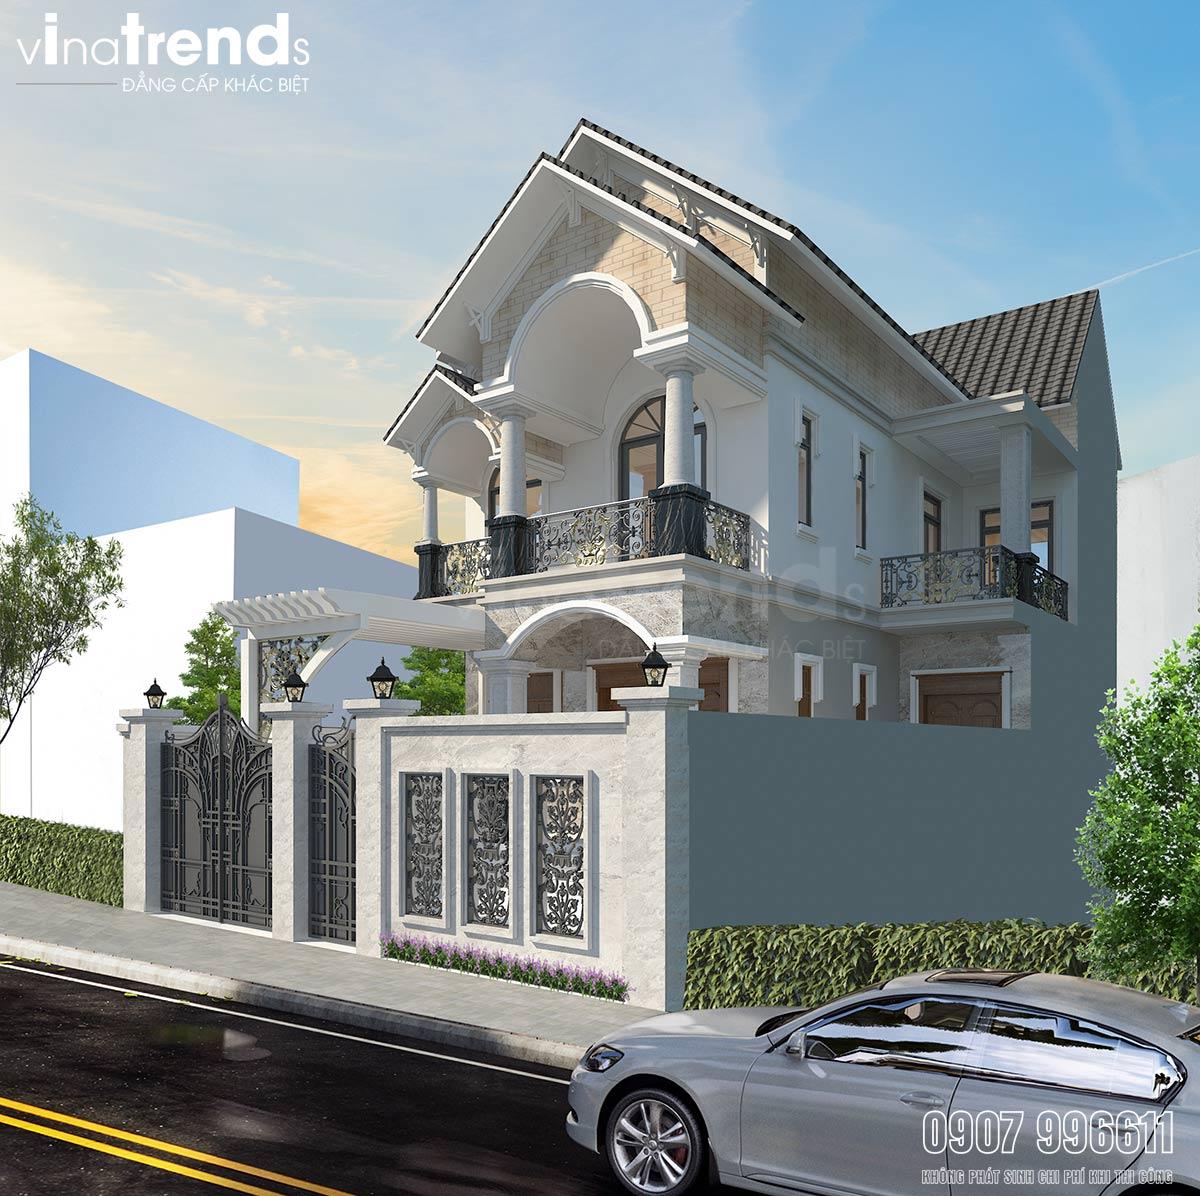 mau nha 2 tang mai thai co san truoc Mẫu biệt thự 2 tầng mái thái 9x17m có bản vẽ chi tiết hình xây xong thực tế ở Biên Hòa